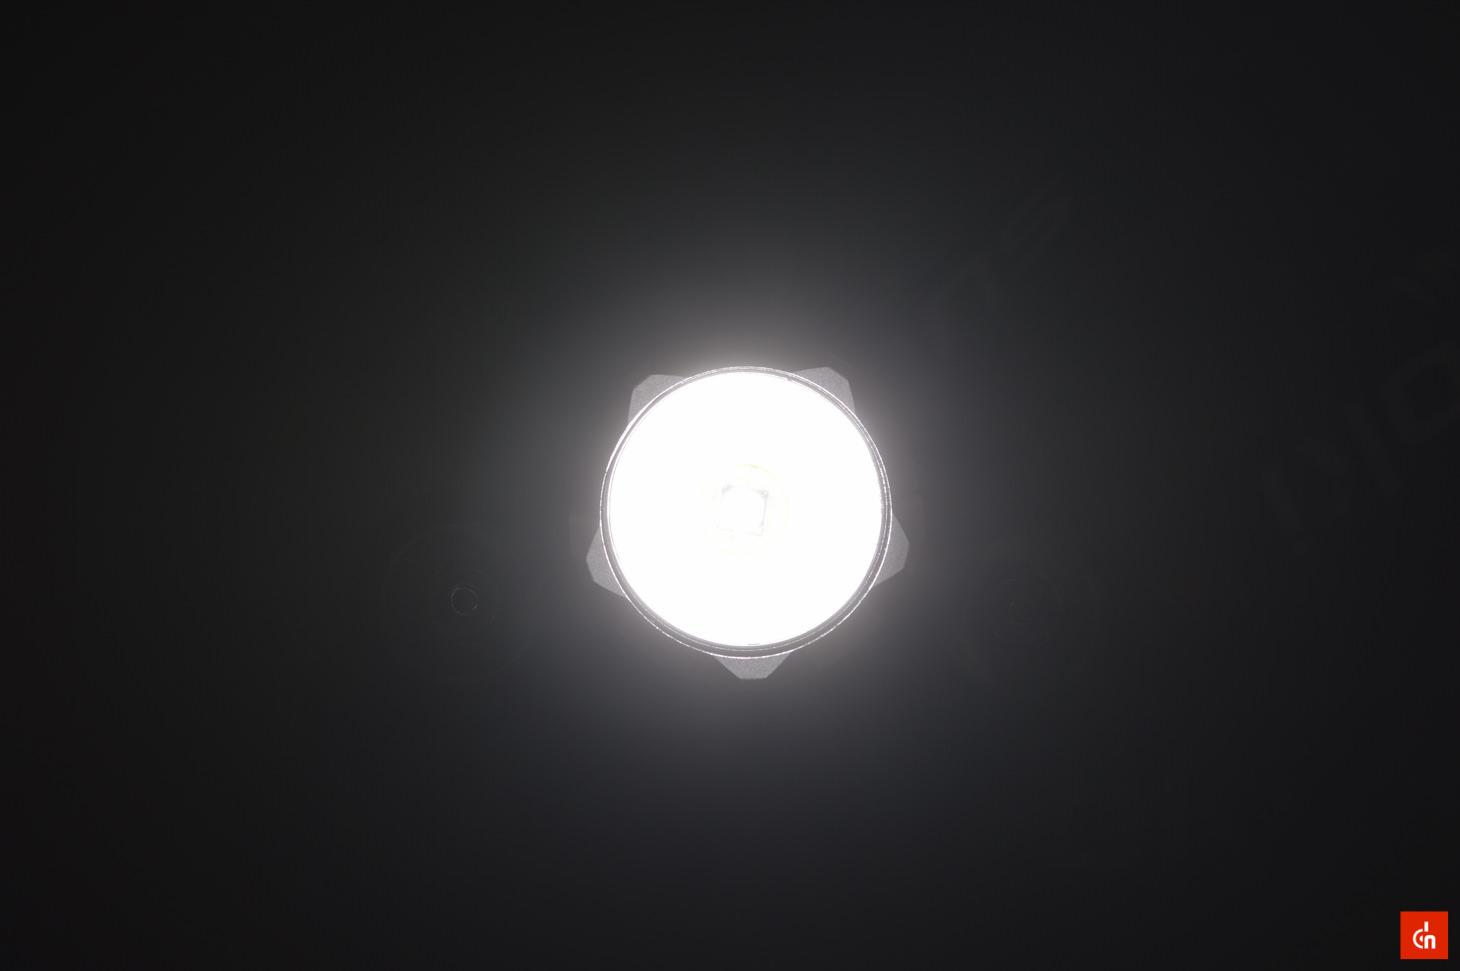 065_20160702_suaoki-headlight